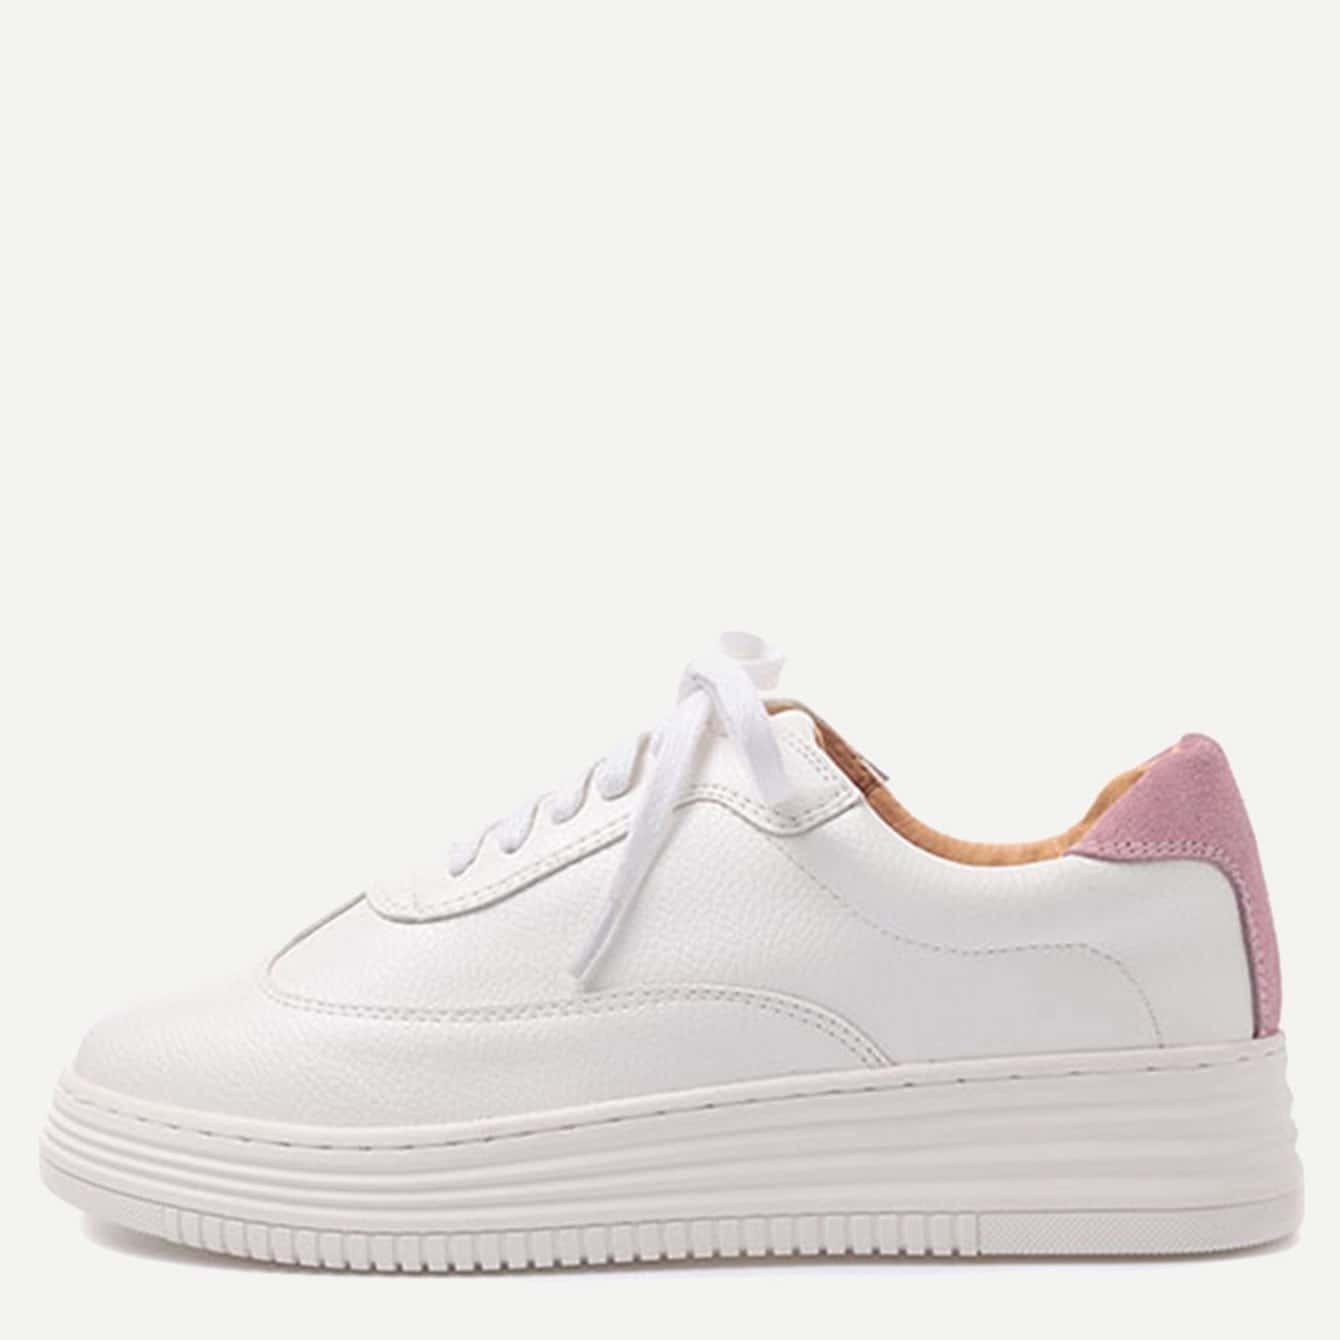 Zapatillas de deporte de PU - blanco y rosa